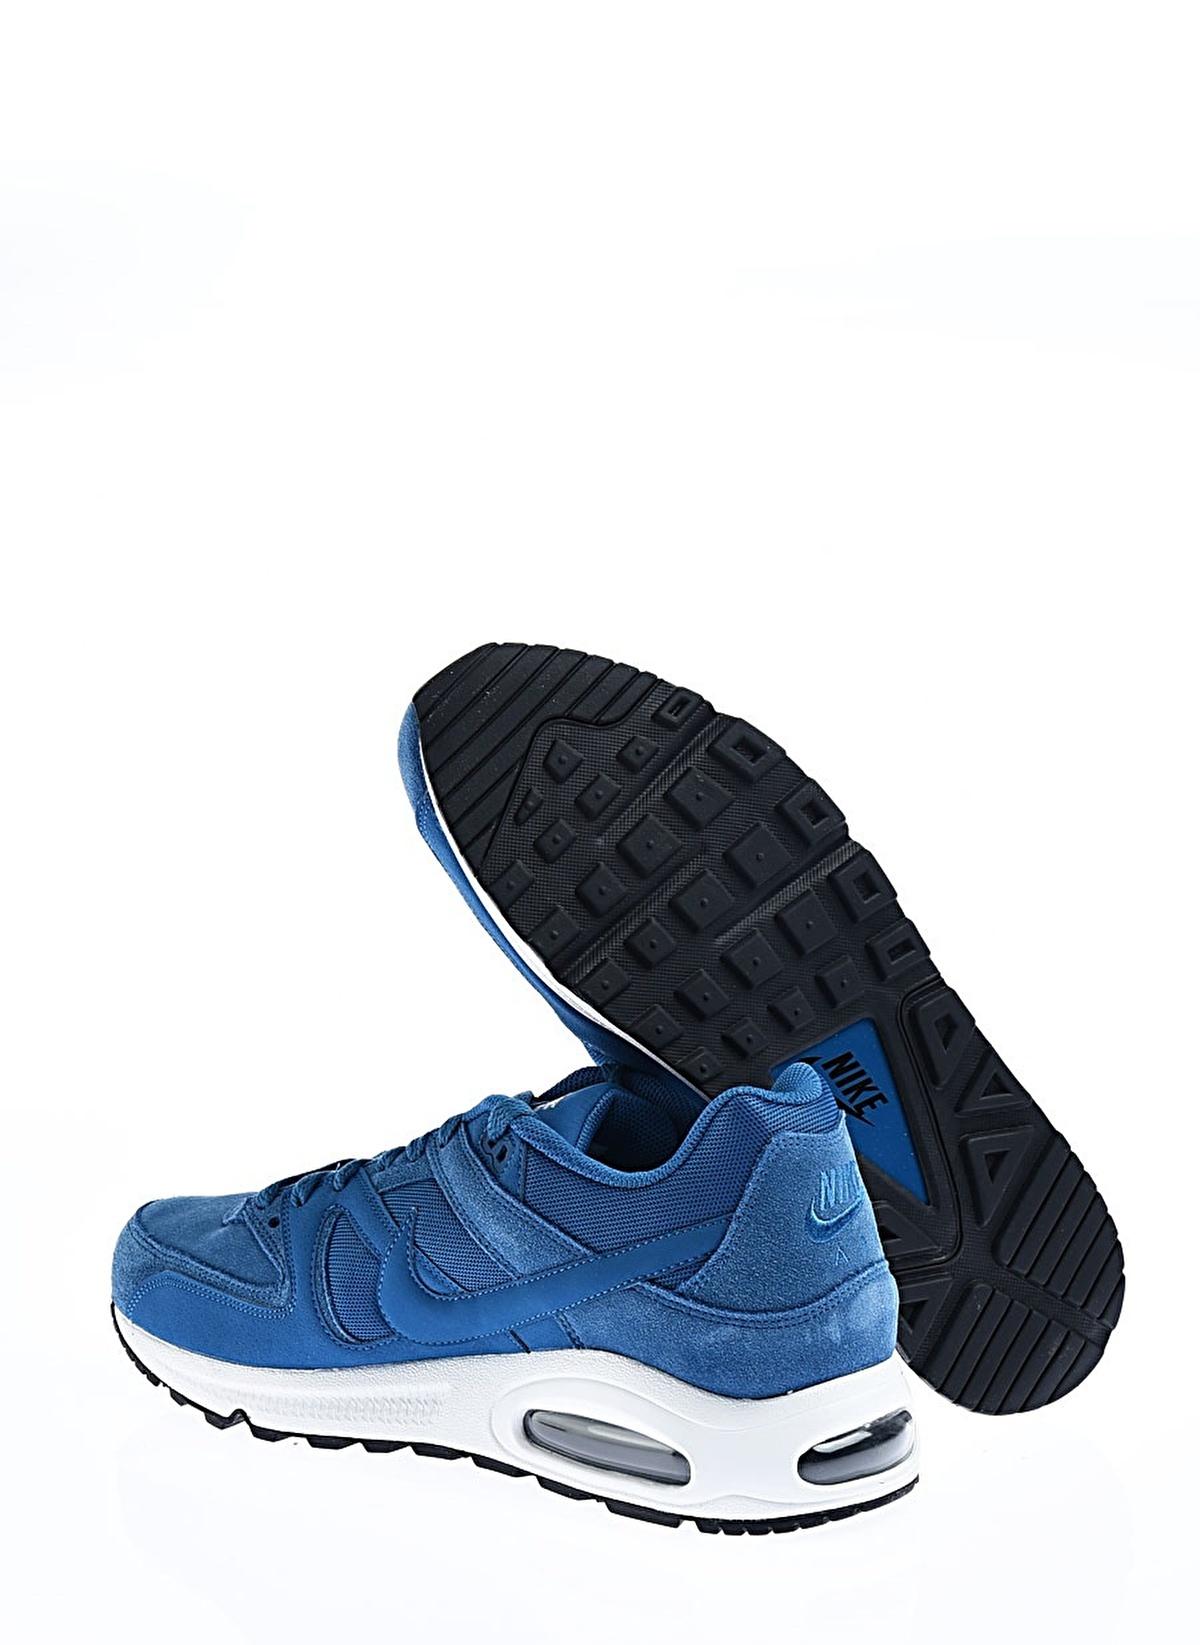 Nike Air Bleu Max Command Prm Industrial Bleu Air Industrial Adidas Terrex 98d5e7